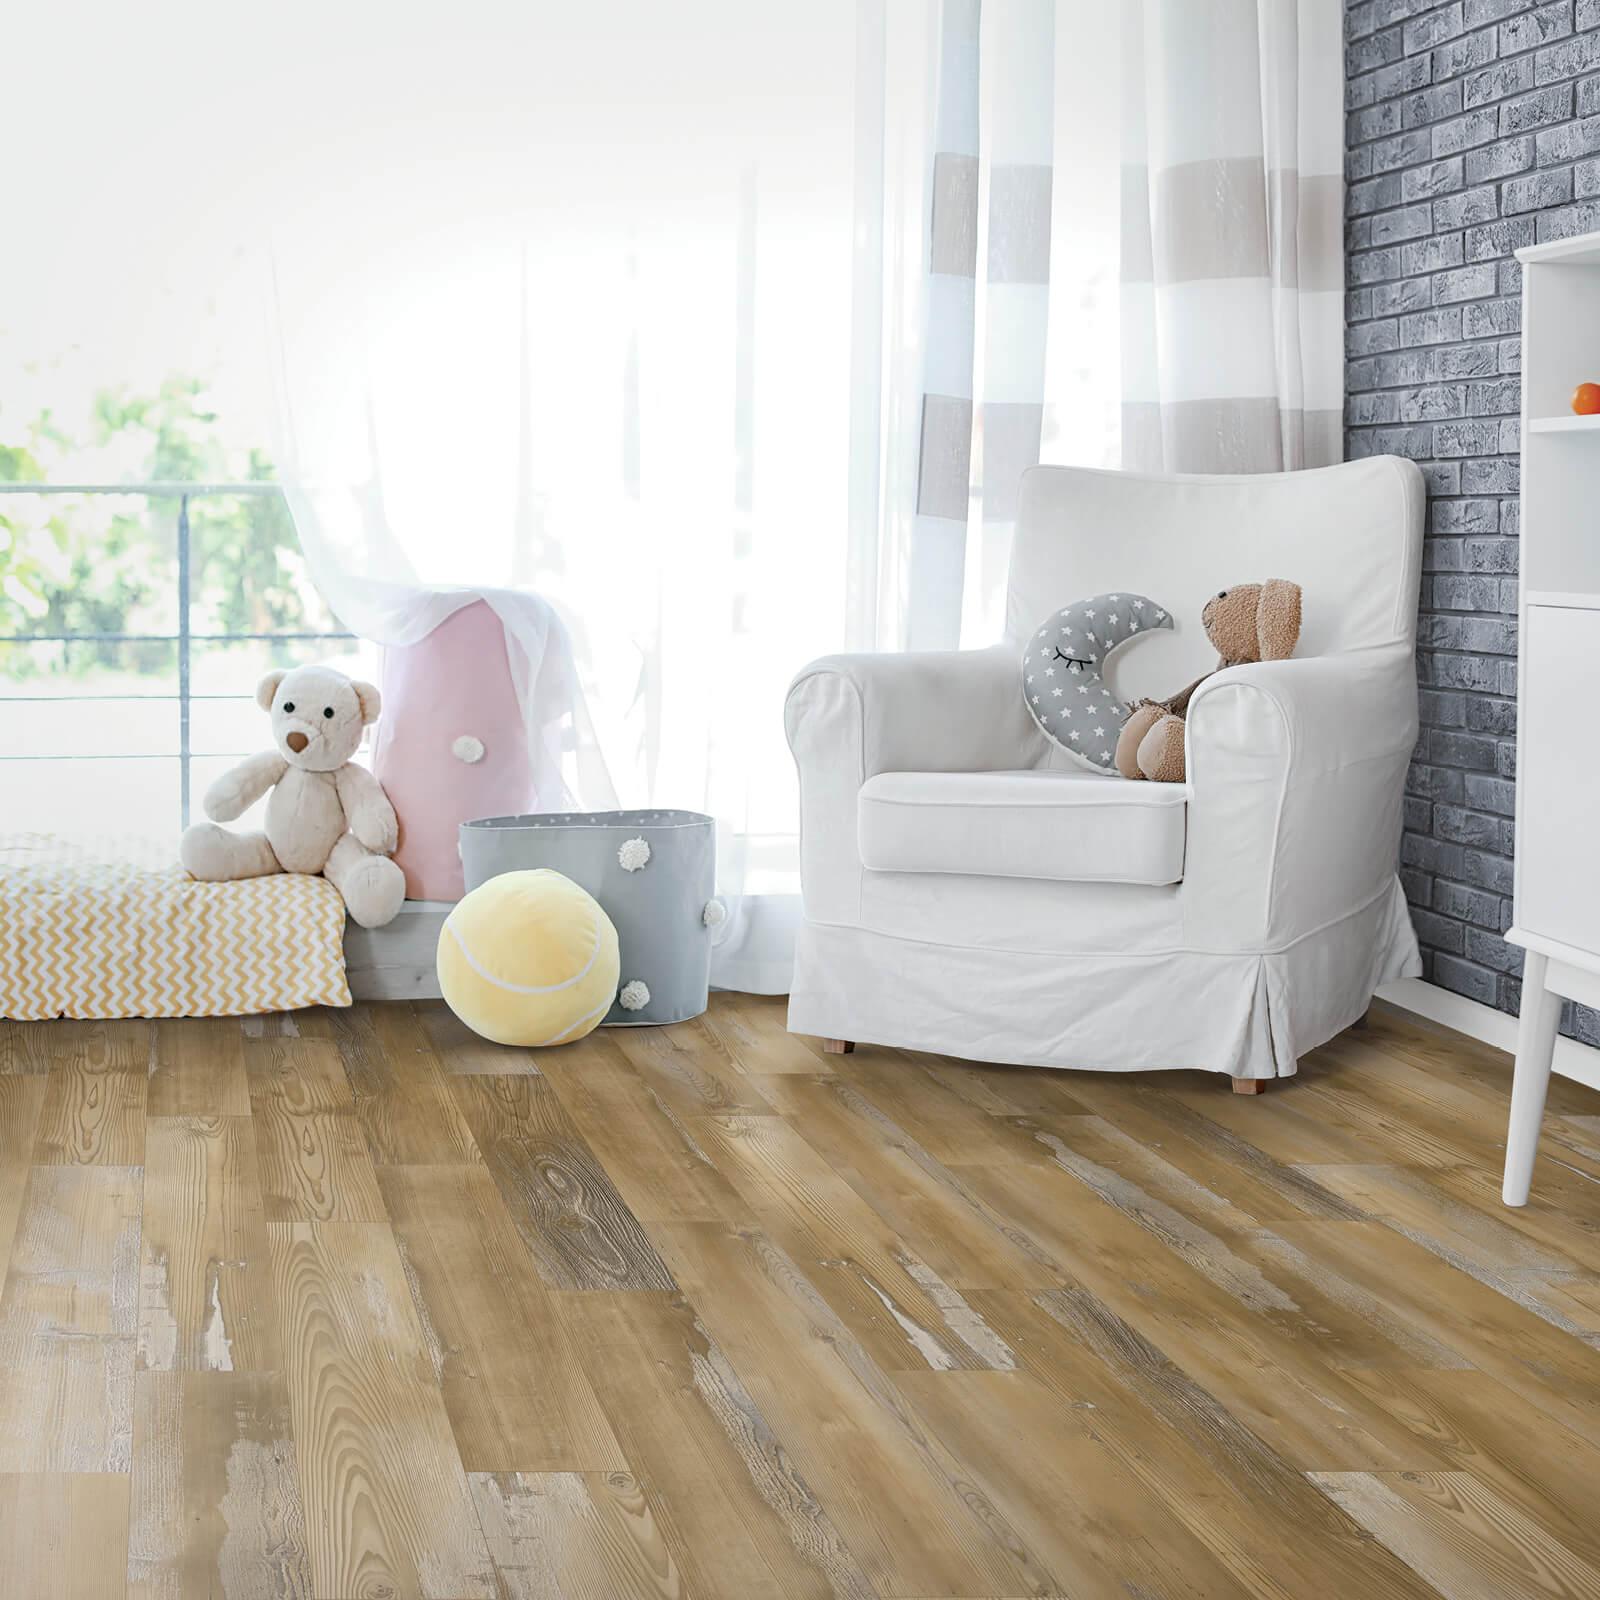 kids room flooring | McSwain Carpet & Floors